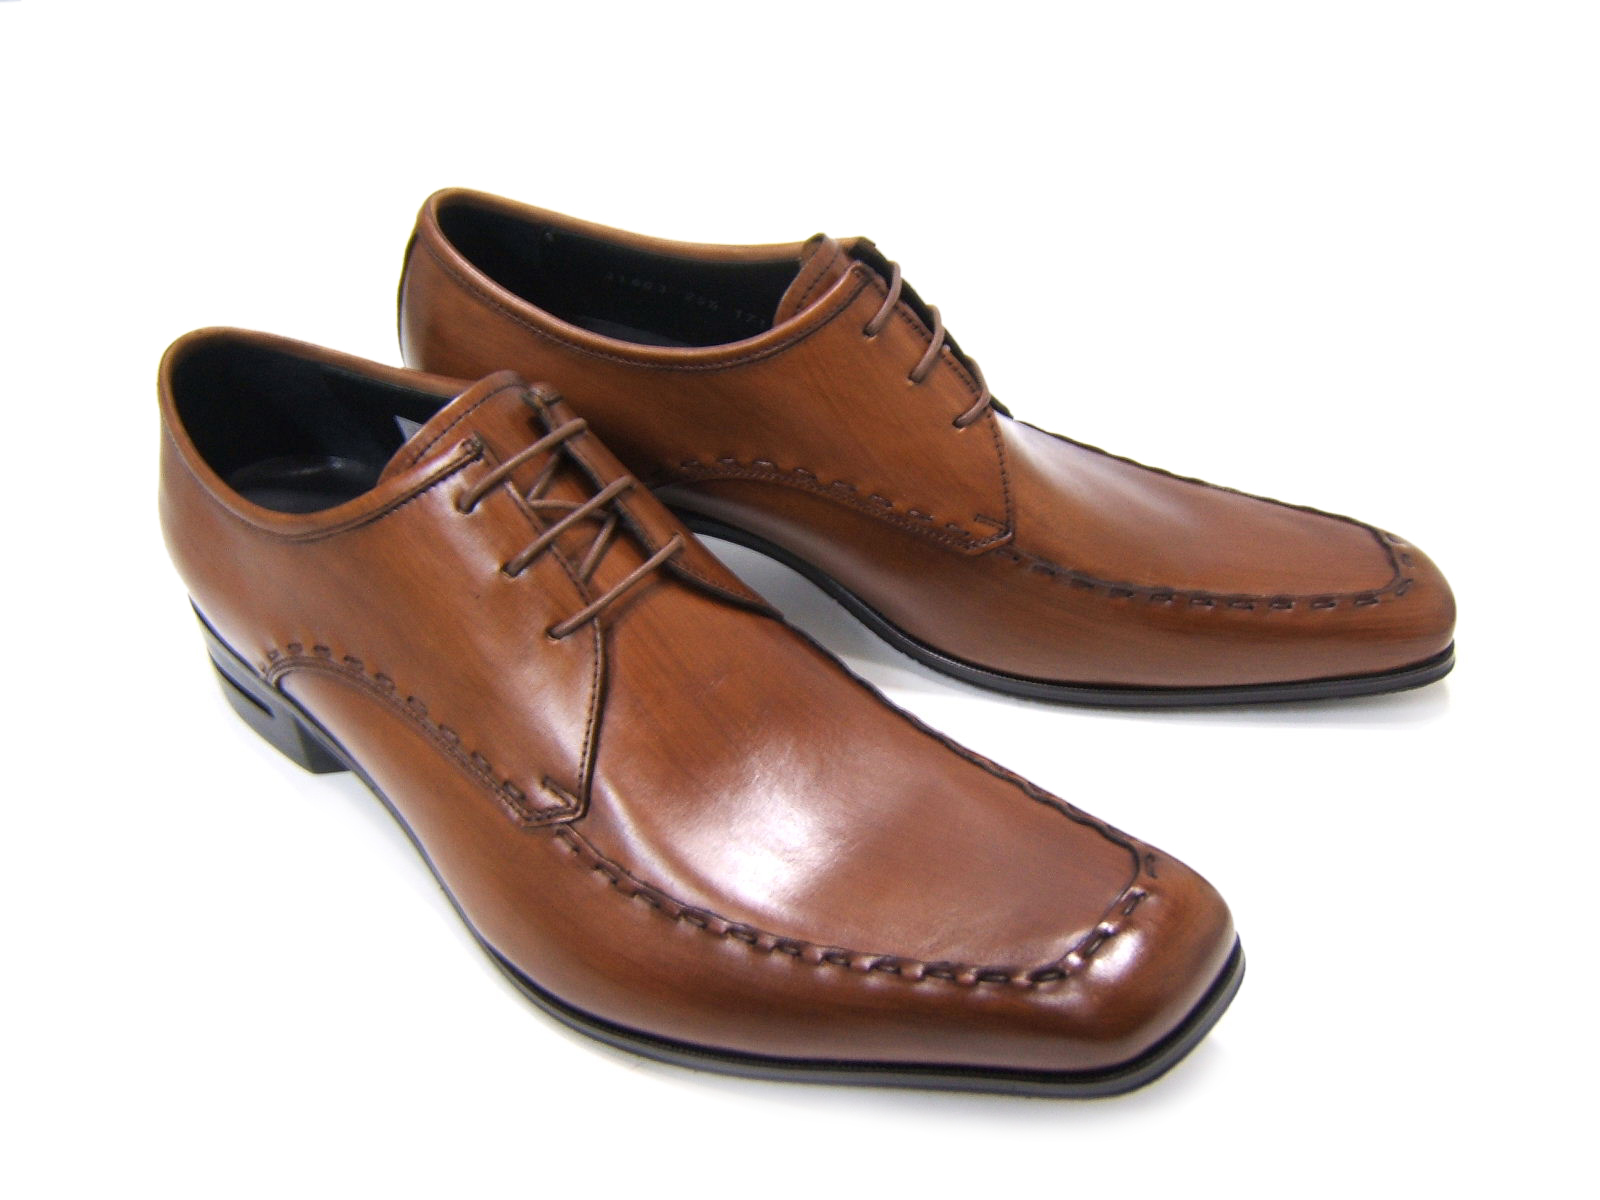 英国で培われた伝統のスタイルを正統継承!KATHARINE HAMNETT LONDON キャサリン ハムネット ロンドン紳士靴 KH-31603 ブラウン Uチップ 飾り縫い 外羽根 スクエアトゥ 送料無料